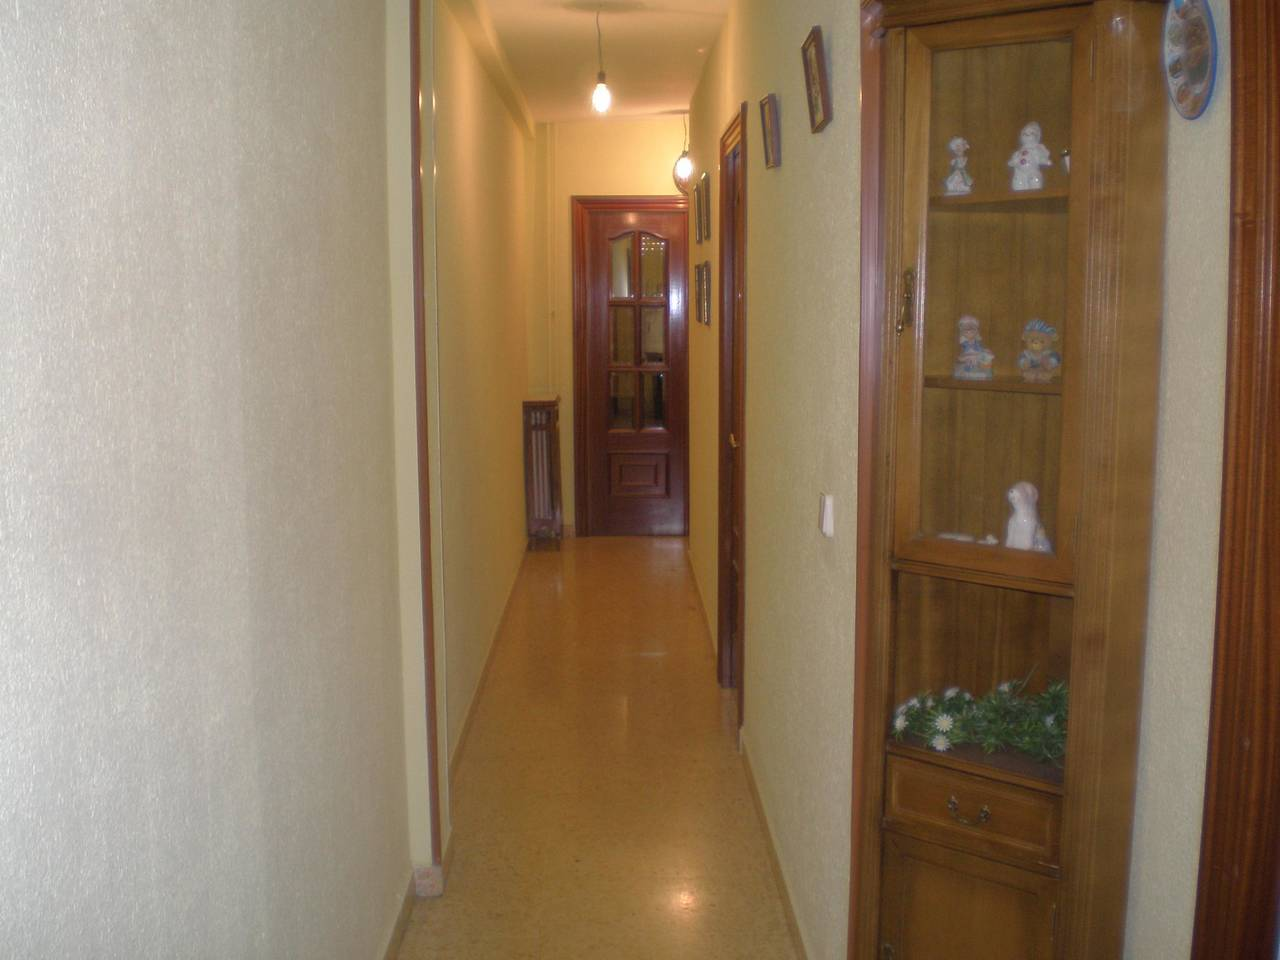 en soria se alquilan una habitacion en piso compartido  - Foto 35